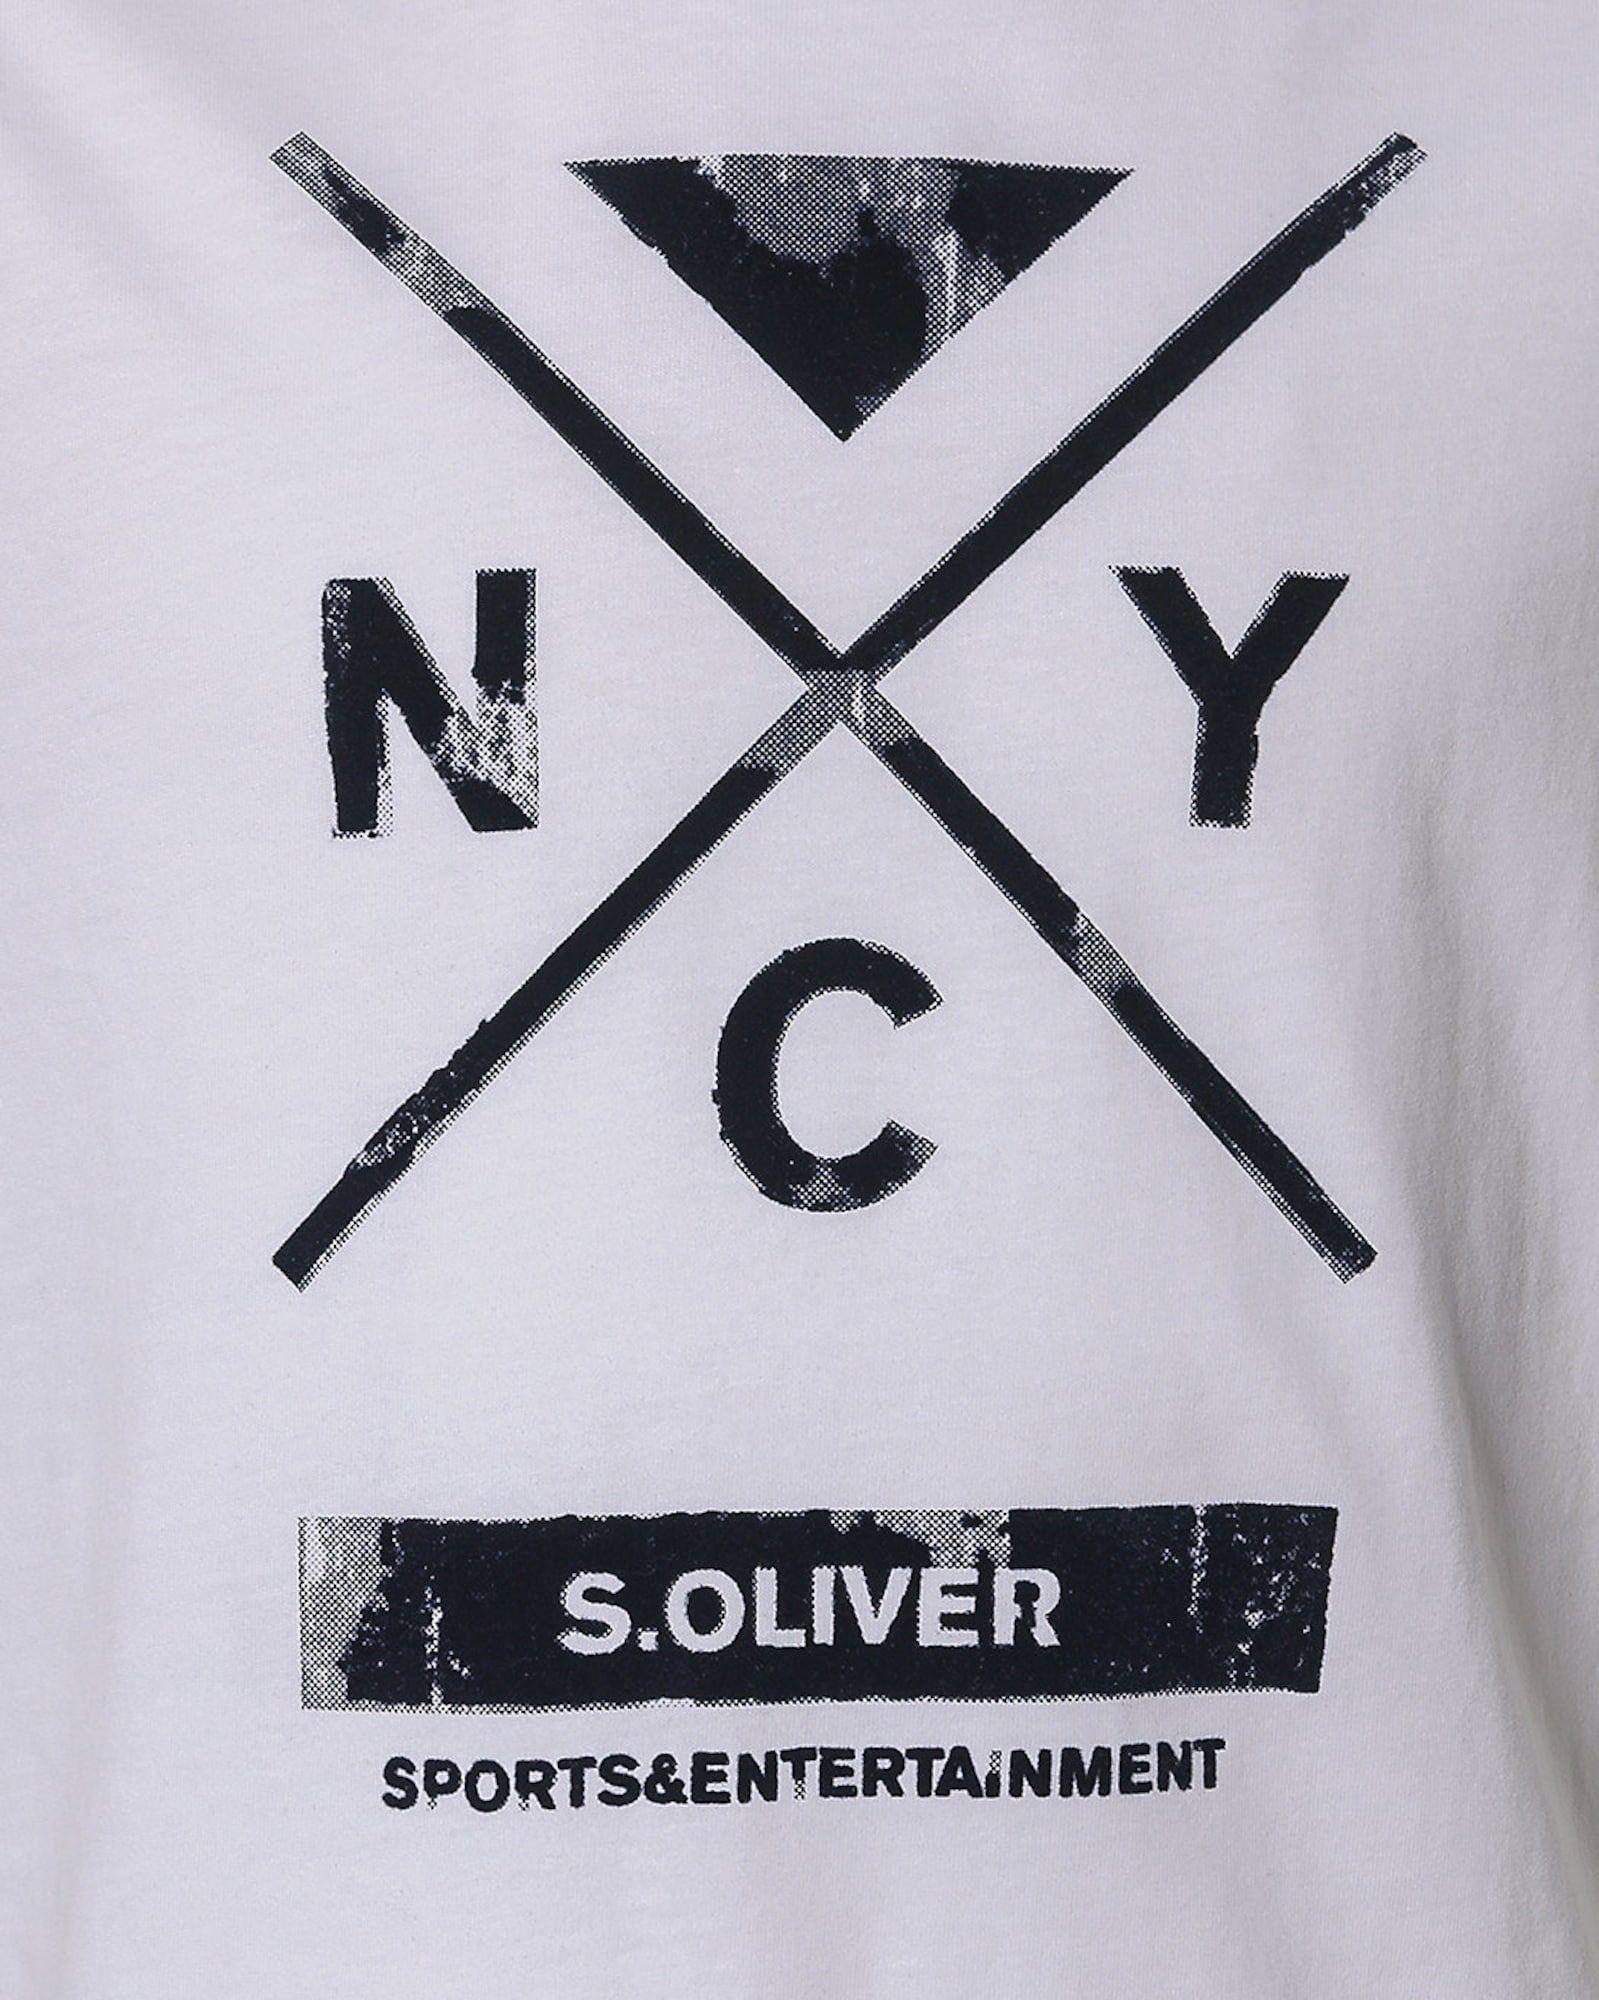 S Oliver Junior T Shirt Jungen Marine Grau Weiss Grosse 176 Kinder T Shirt S Oliver Und T Shirt